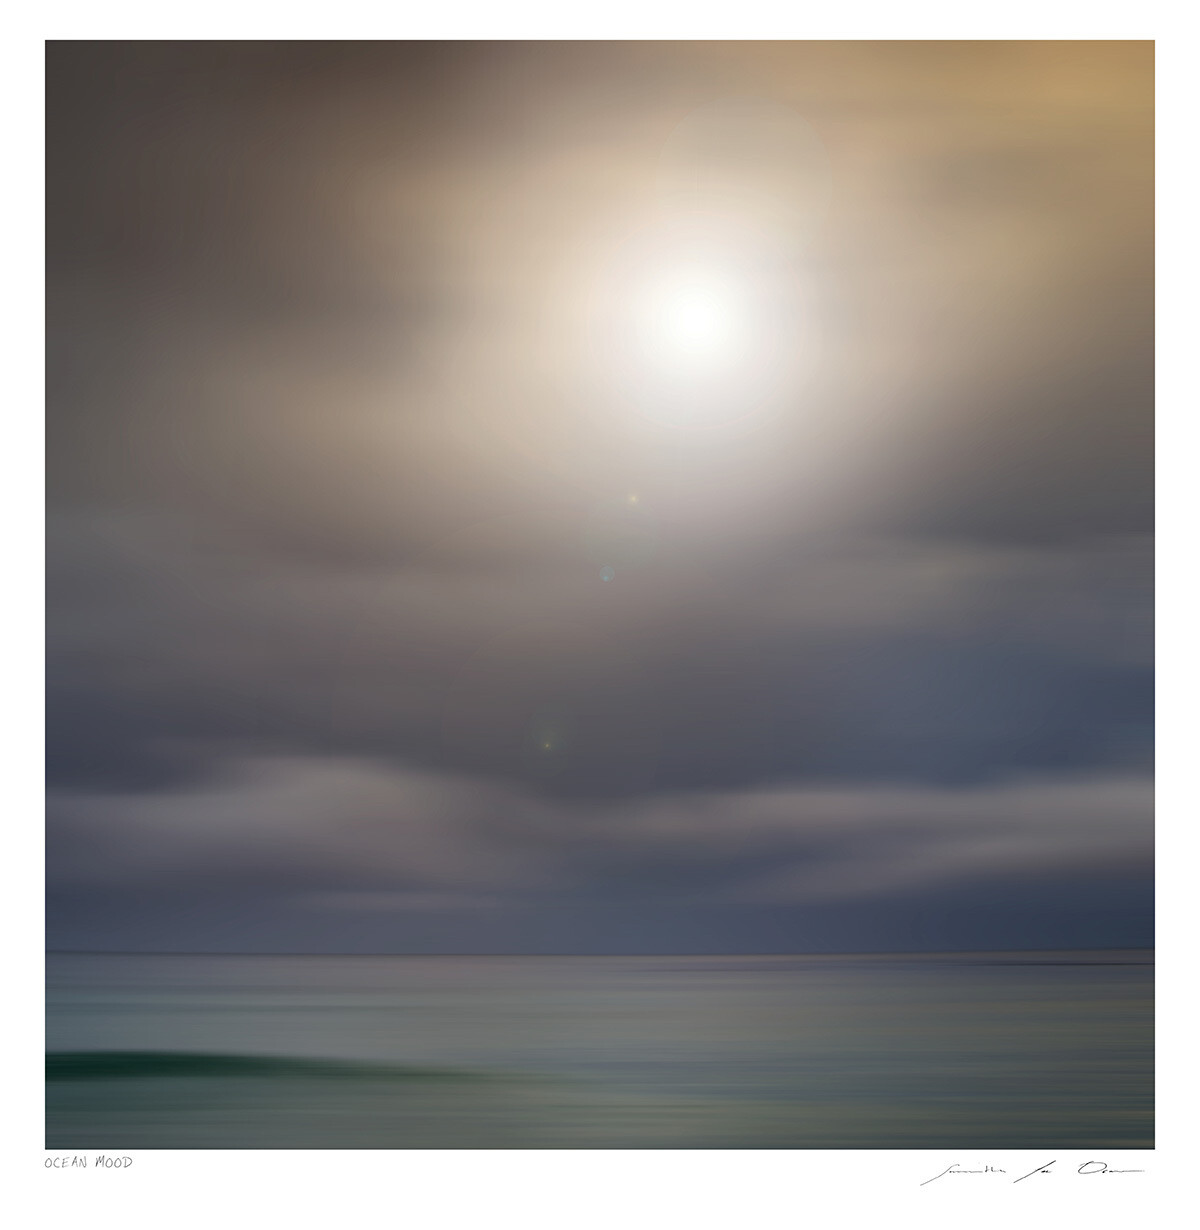 Ocean Mood | Samantha Lee Osner